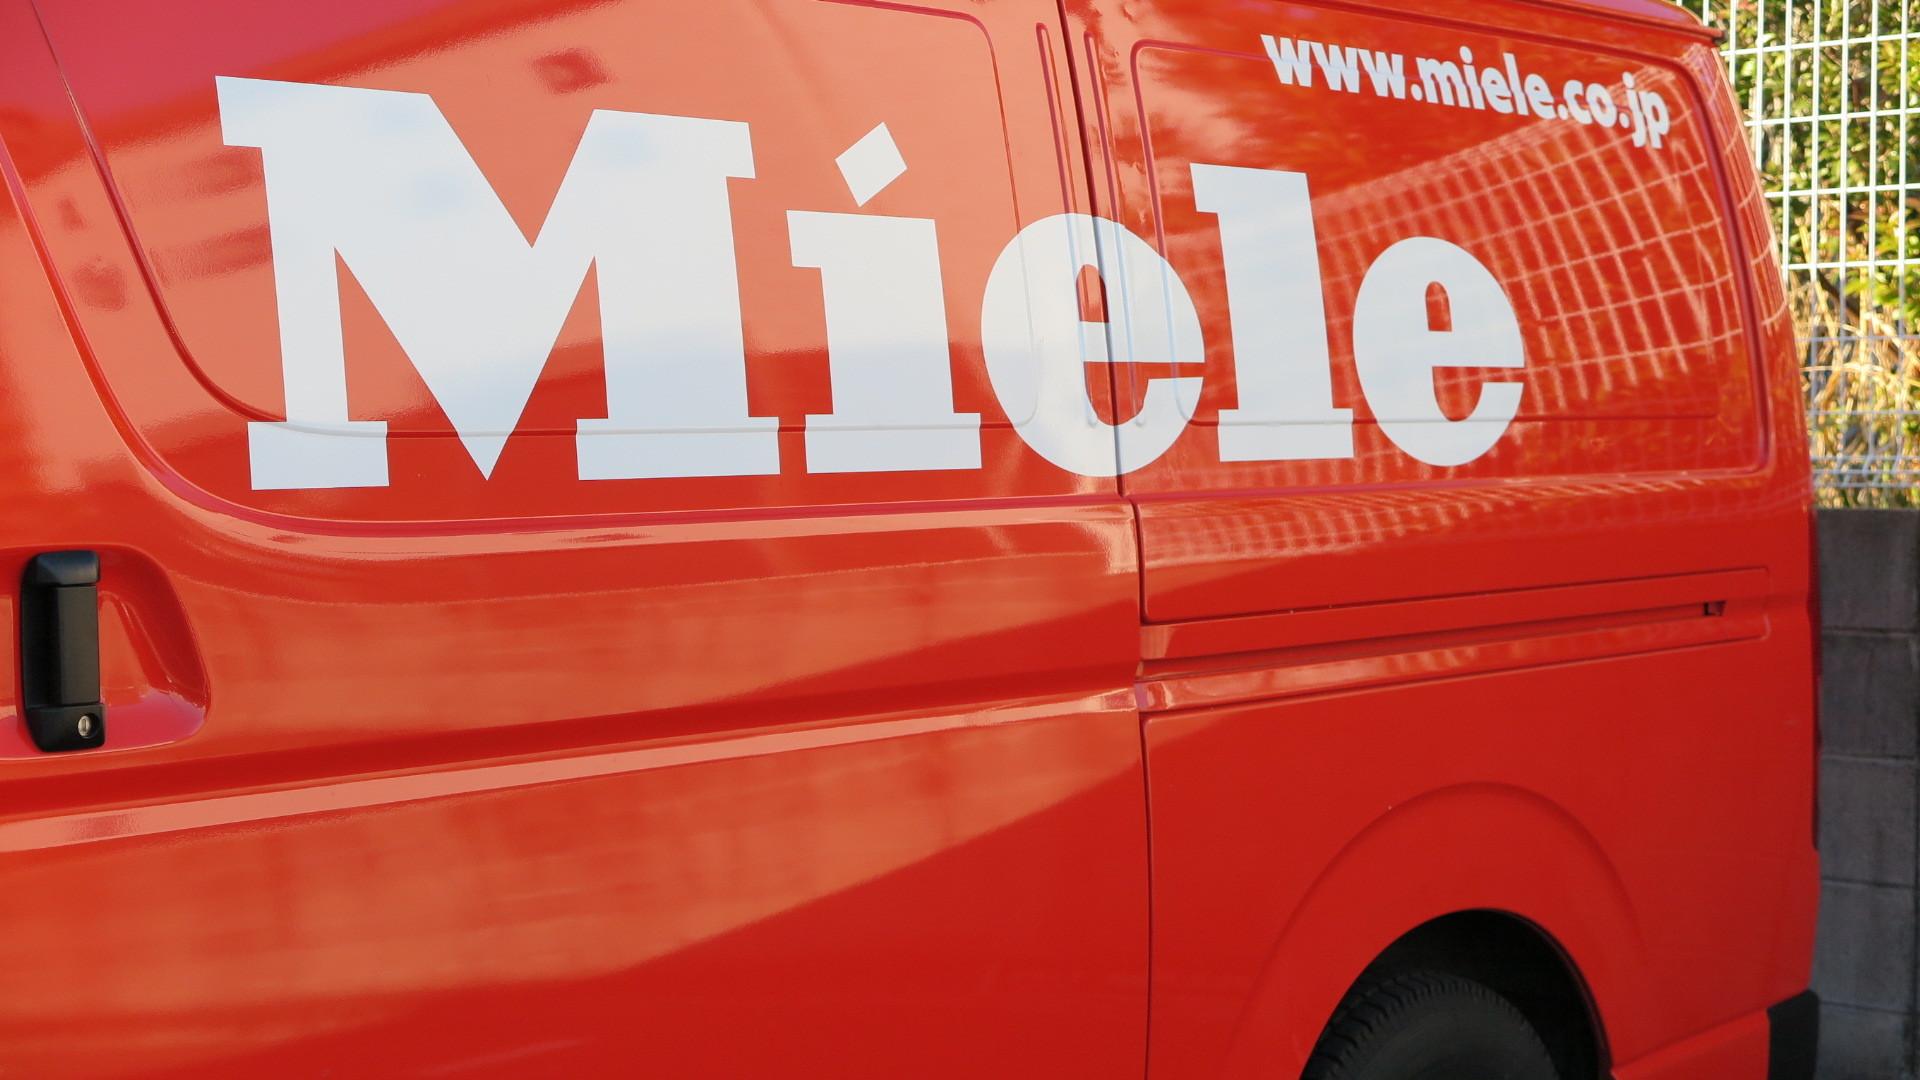 新しい暮らし、ミーレと一緒に。★LIXIL取付事例_c0156359_12344407.jpg